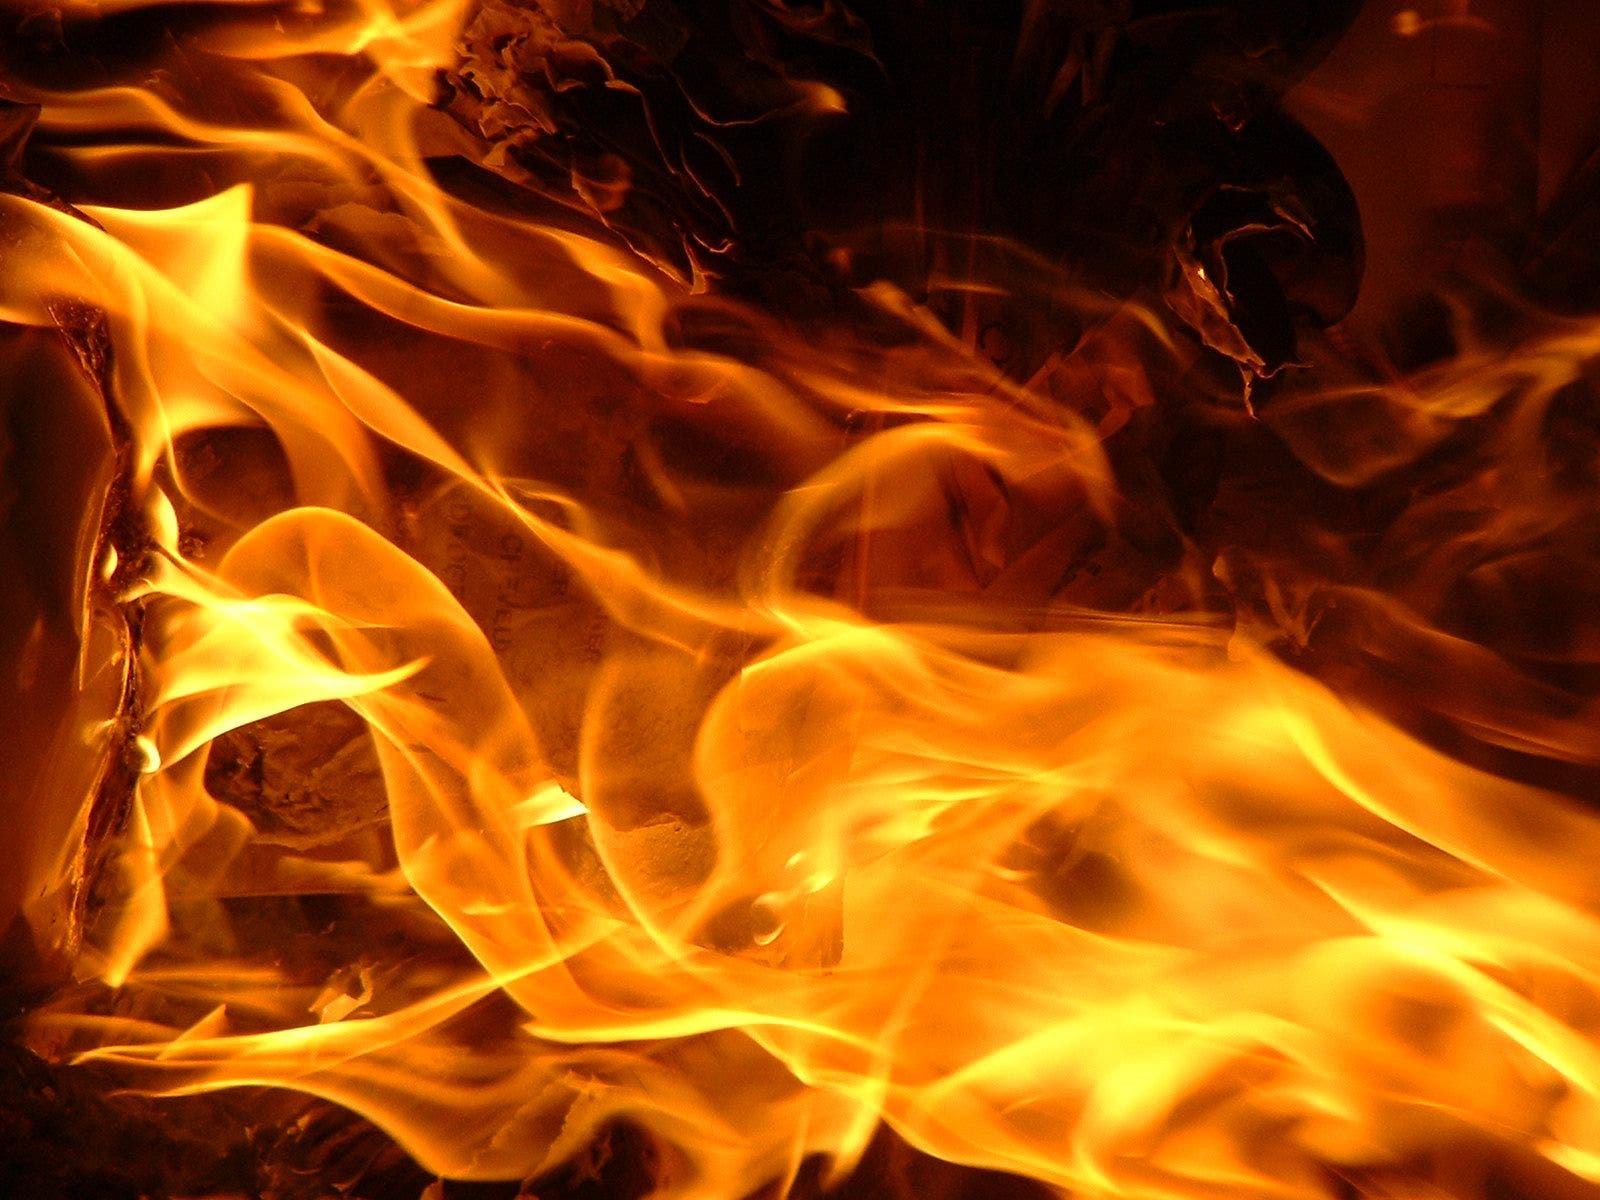 Al menos 11 muertos y 75 heridos en un incendio en un hotel de Pakistán